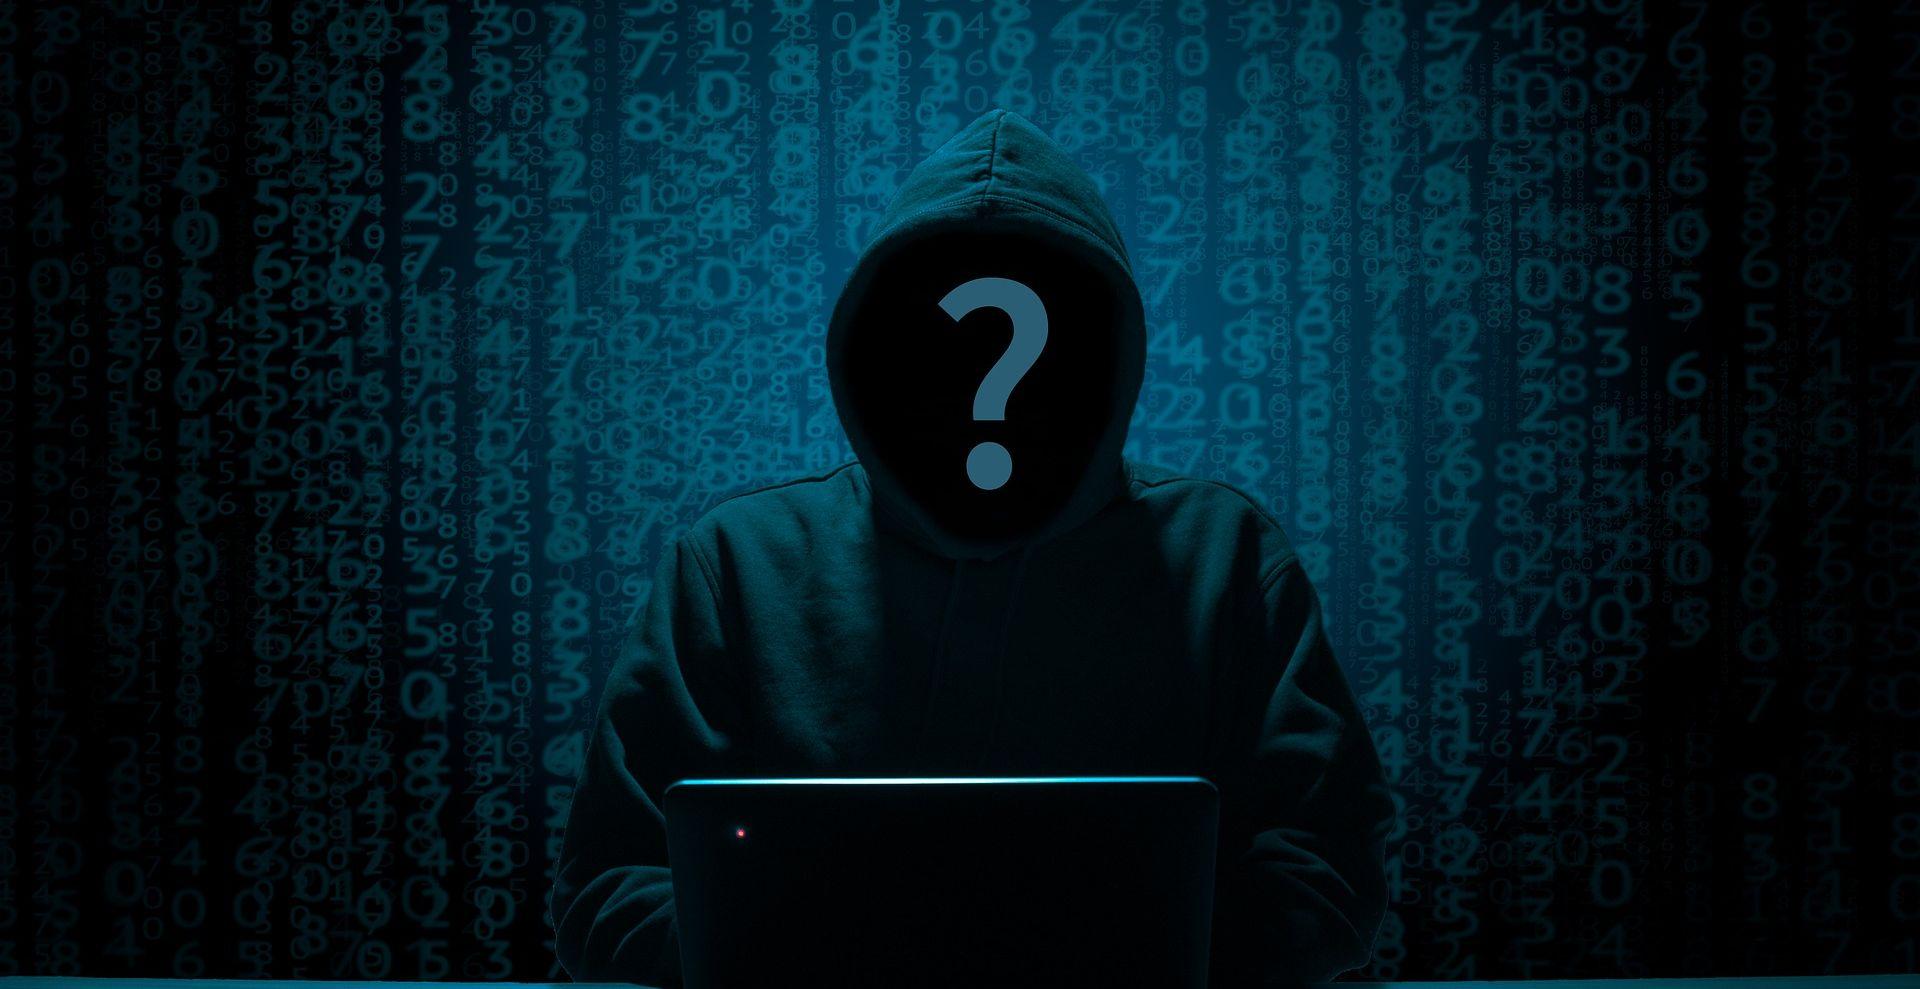 Tko je Hrvat koji je vodio hakerske napade?